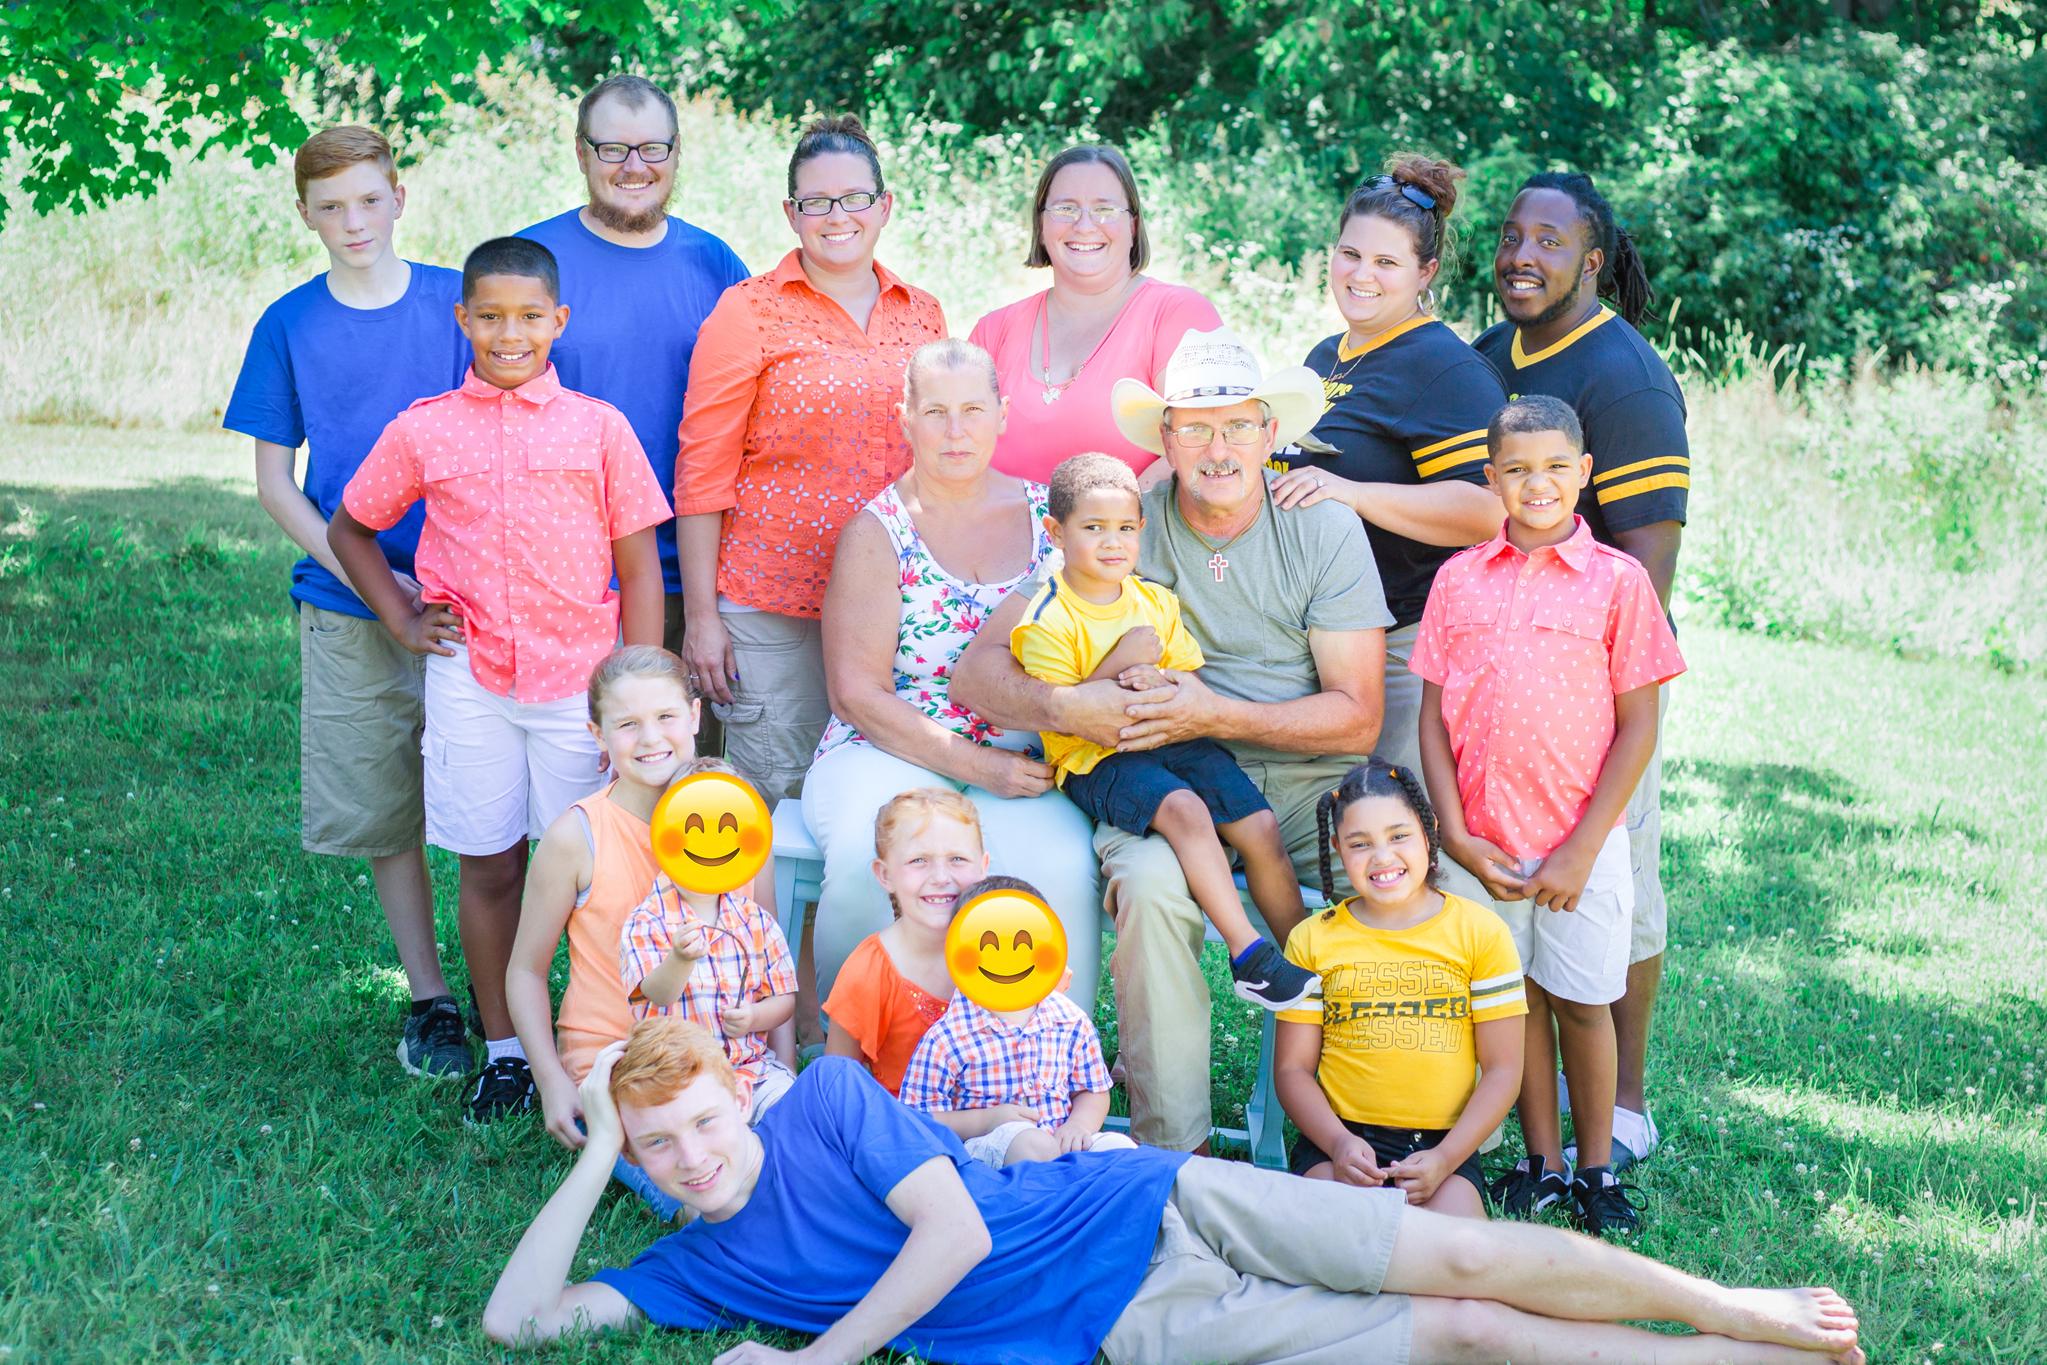 DeLong Family Photos – 7.14.19